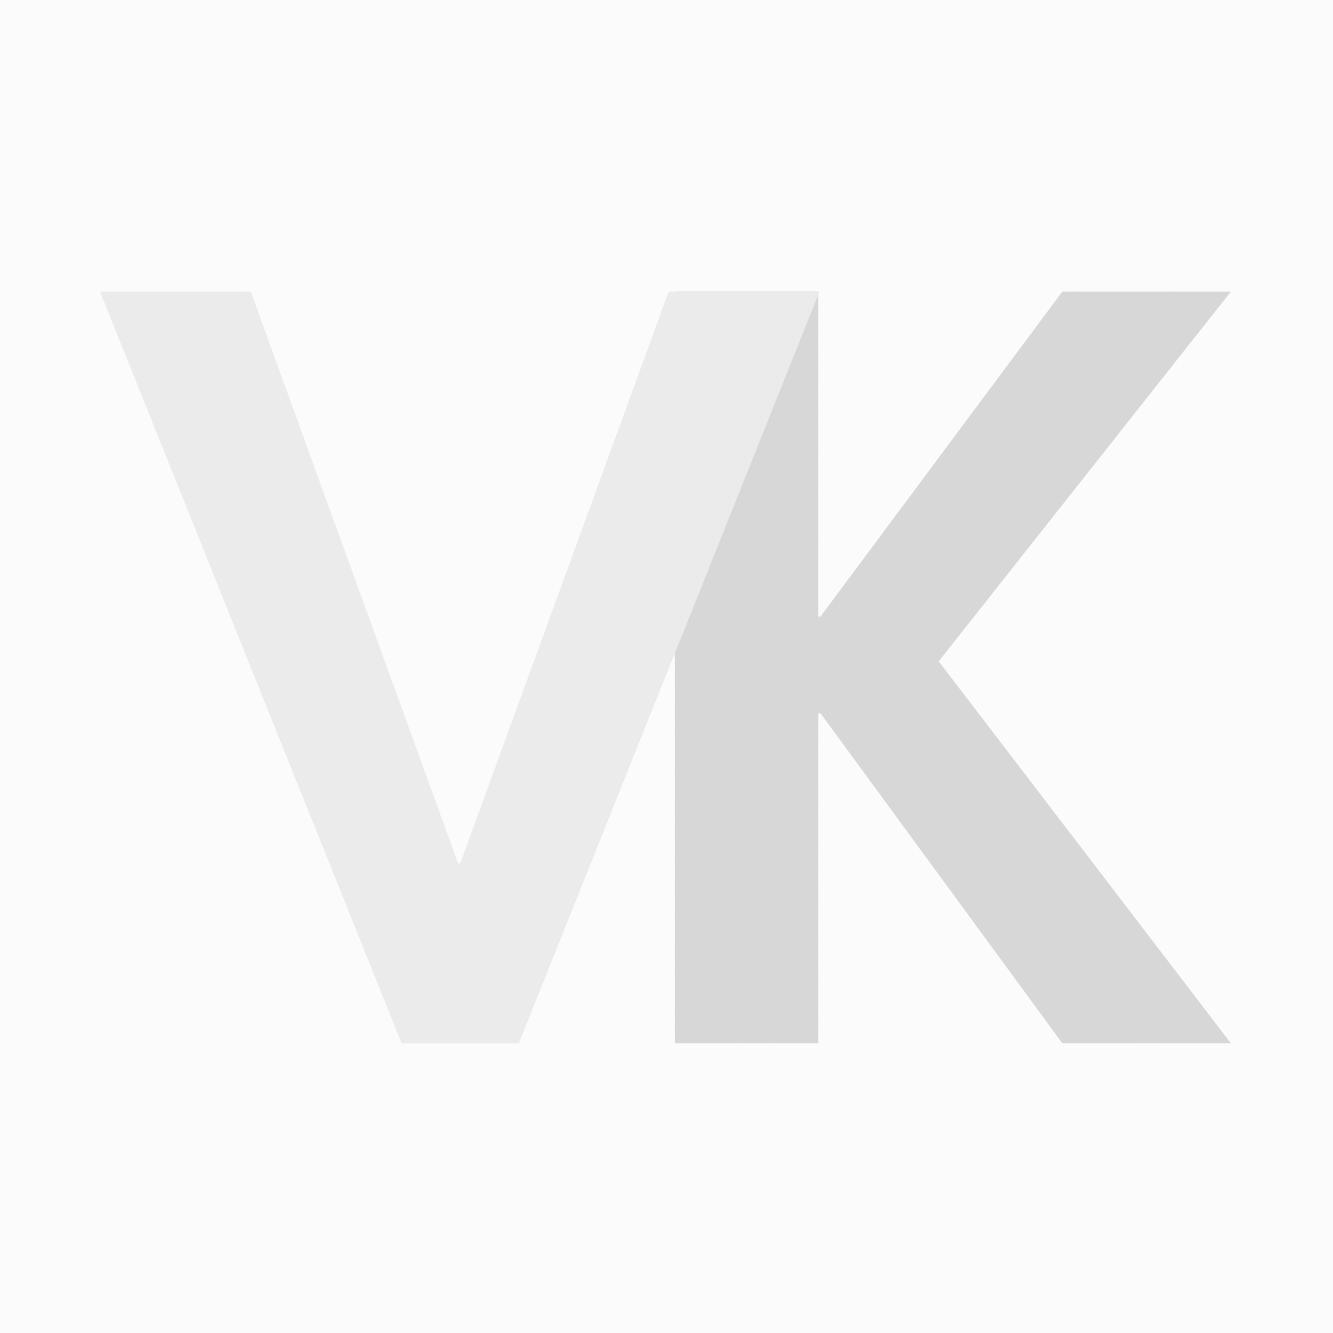 Kyone 480 Kappersschaar 6.0